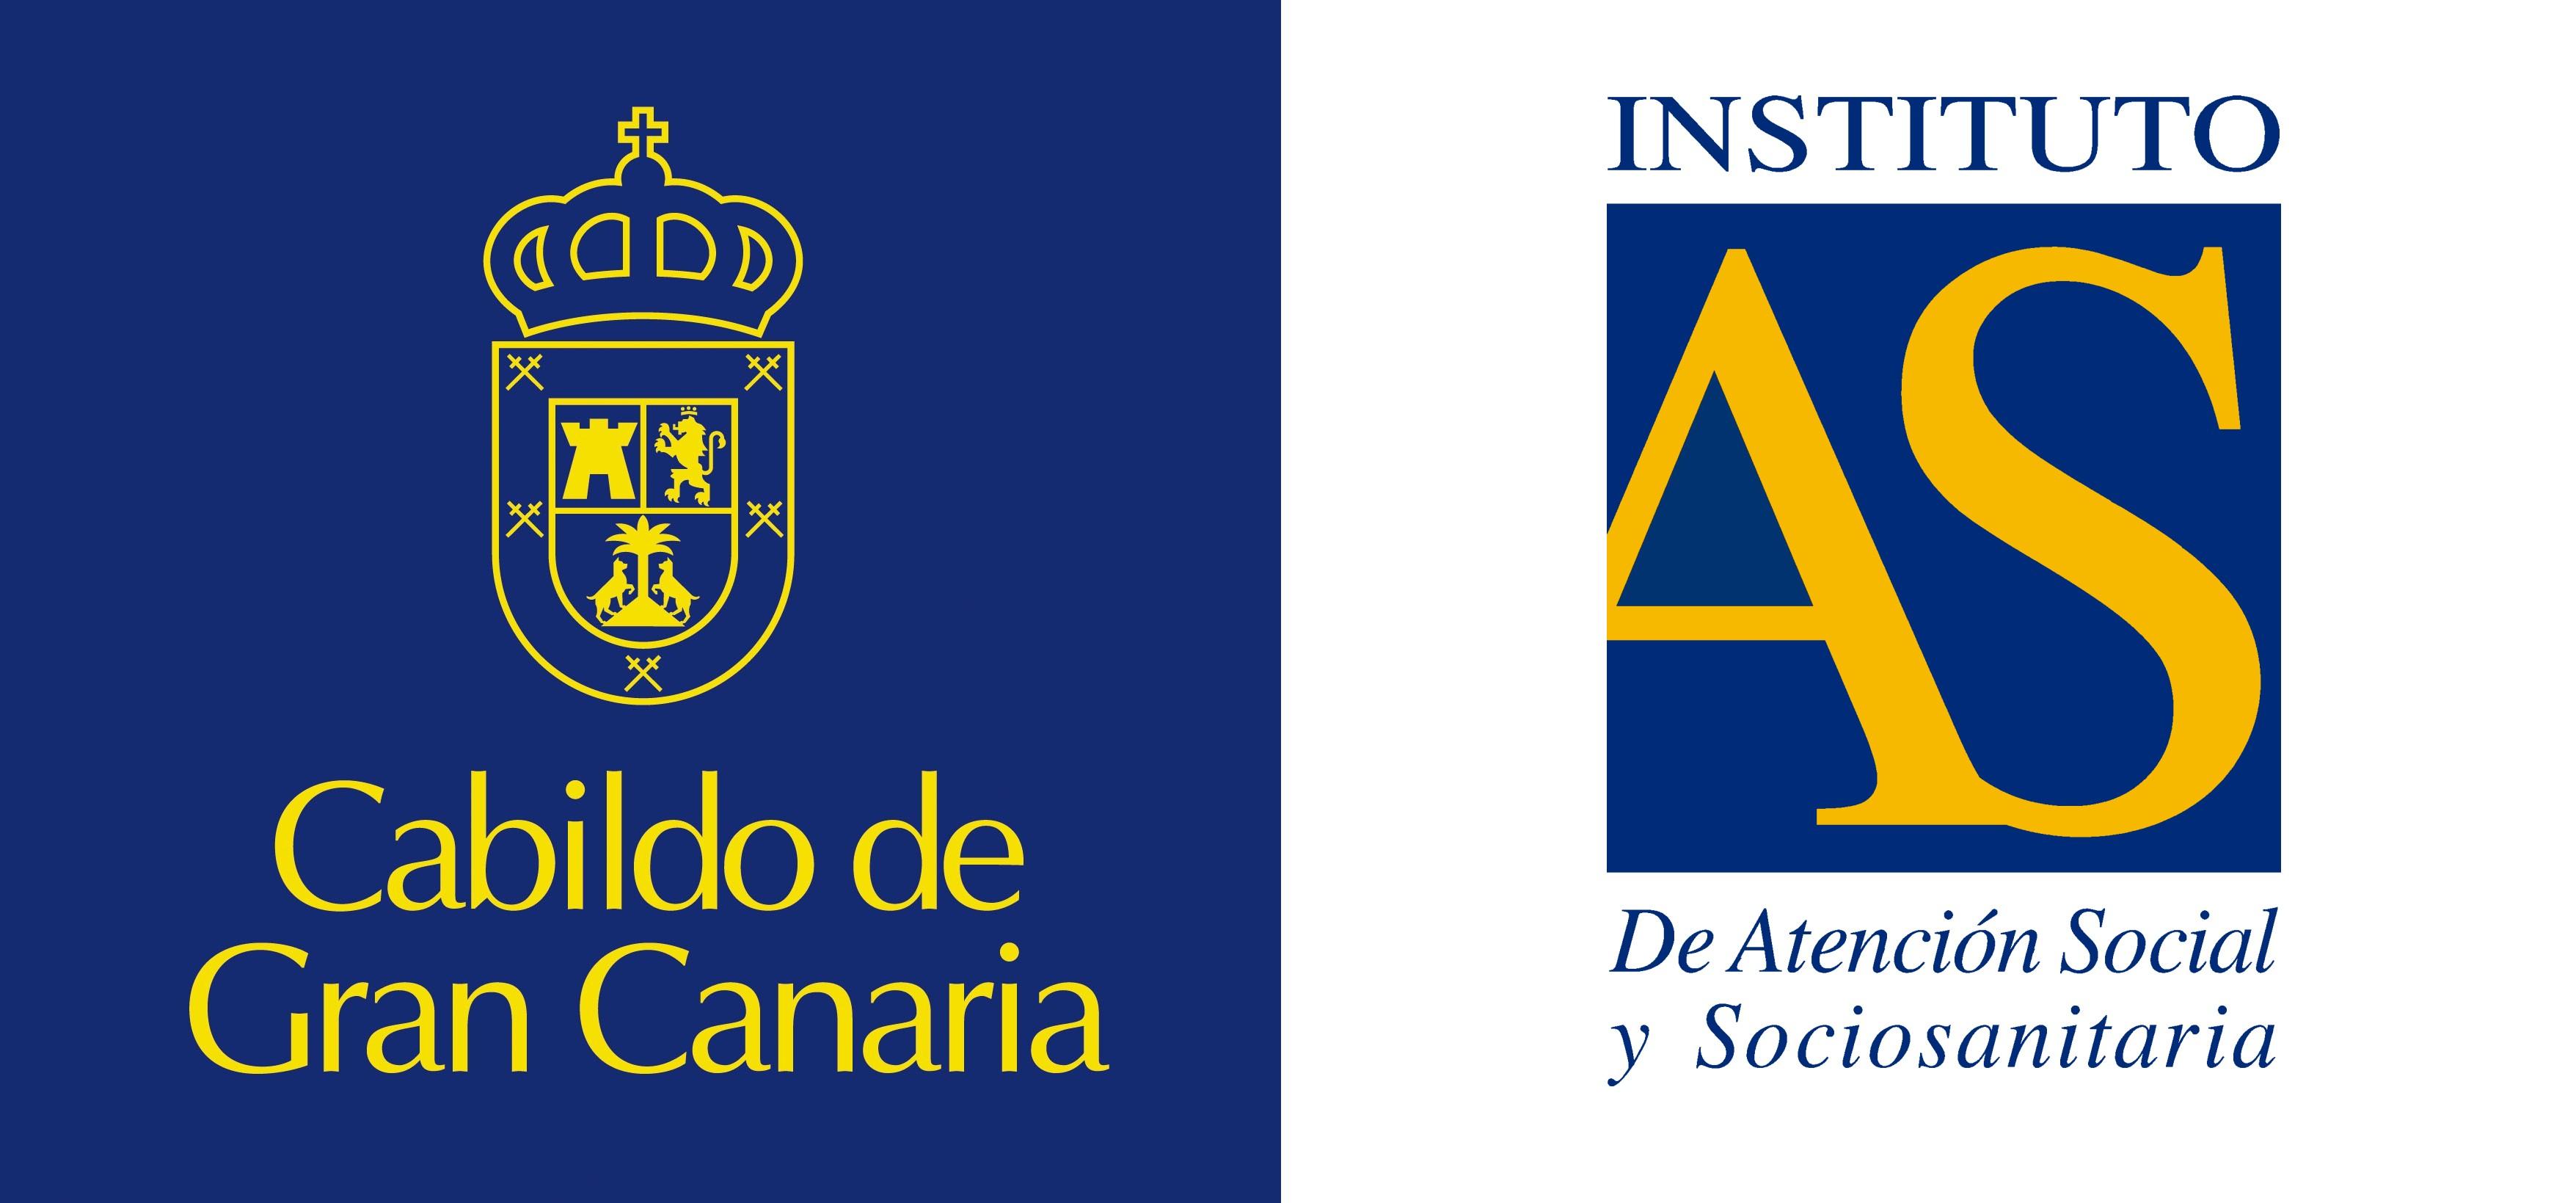 logo_cabildo_ias